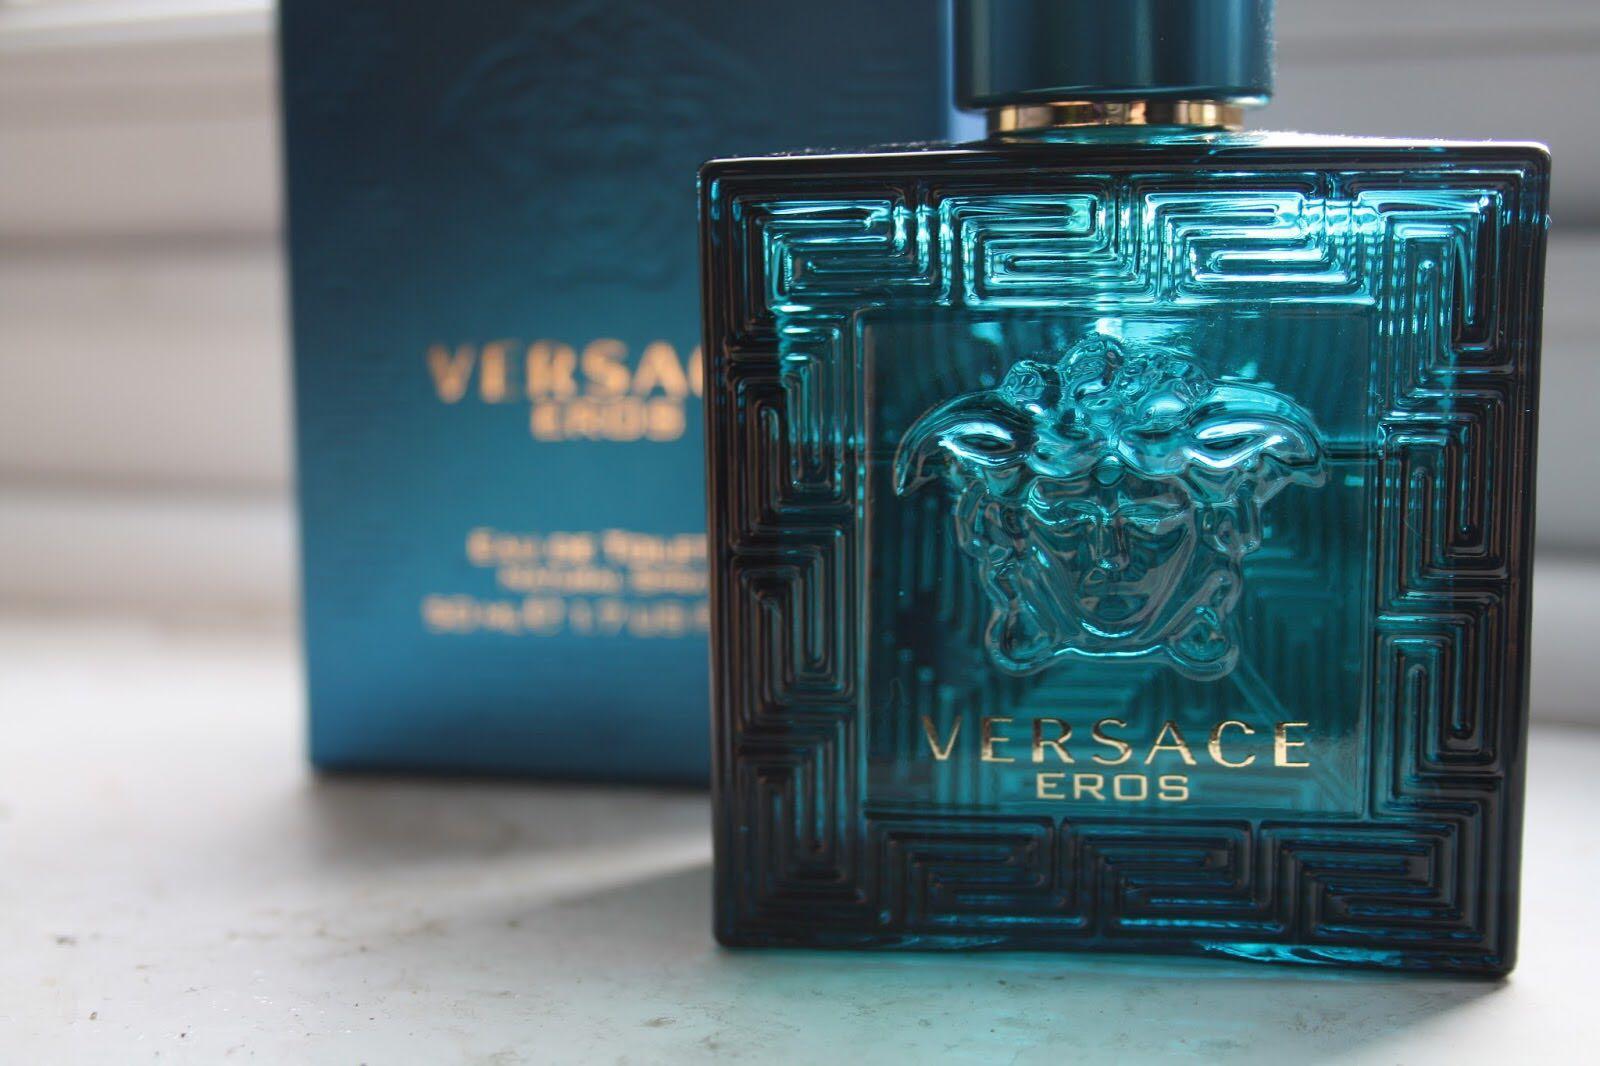 2b7abe2ec6c2 VERSACE Eros Pour Homme Eau de Toilette 100ml, Health   Beauty, Perfumes    Deodorants on Carousell